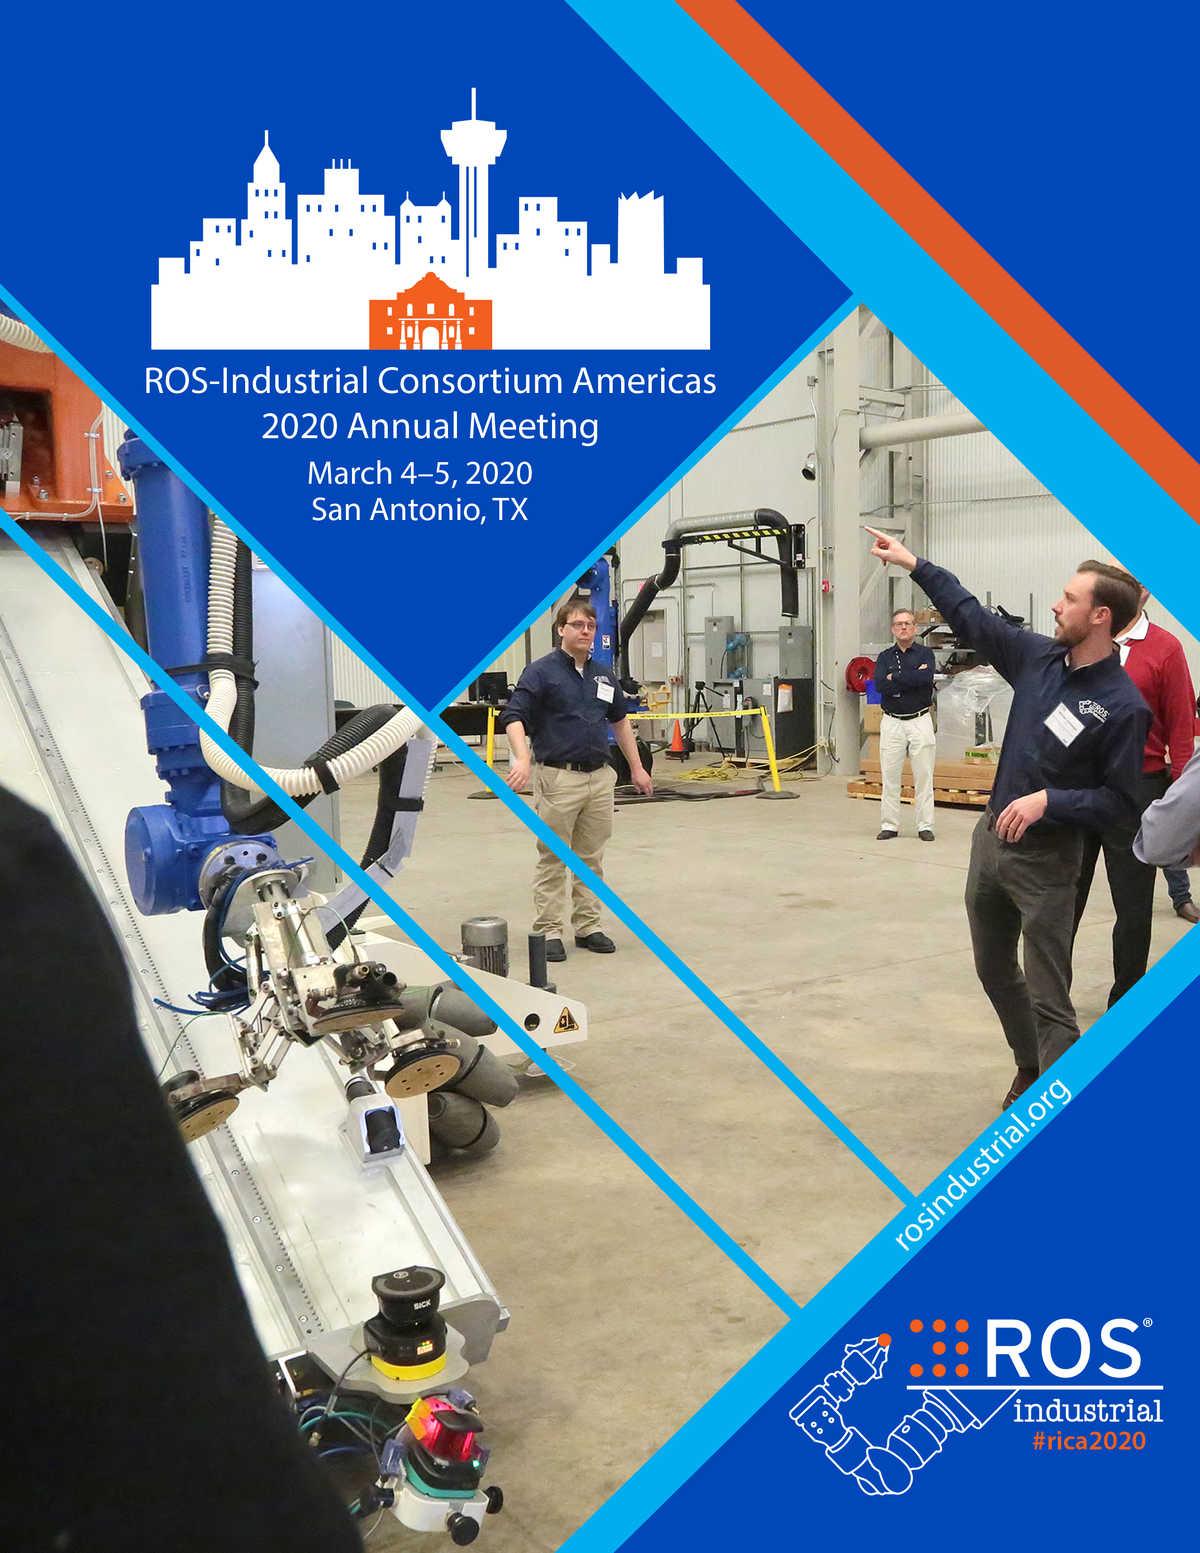 ROS-Industrial Consortium Americas 2020 Annual Meeting program cover